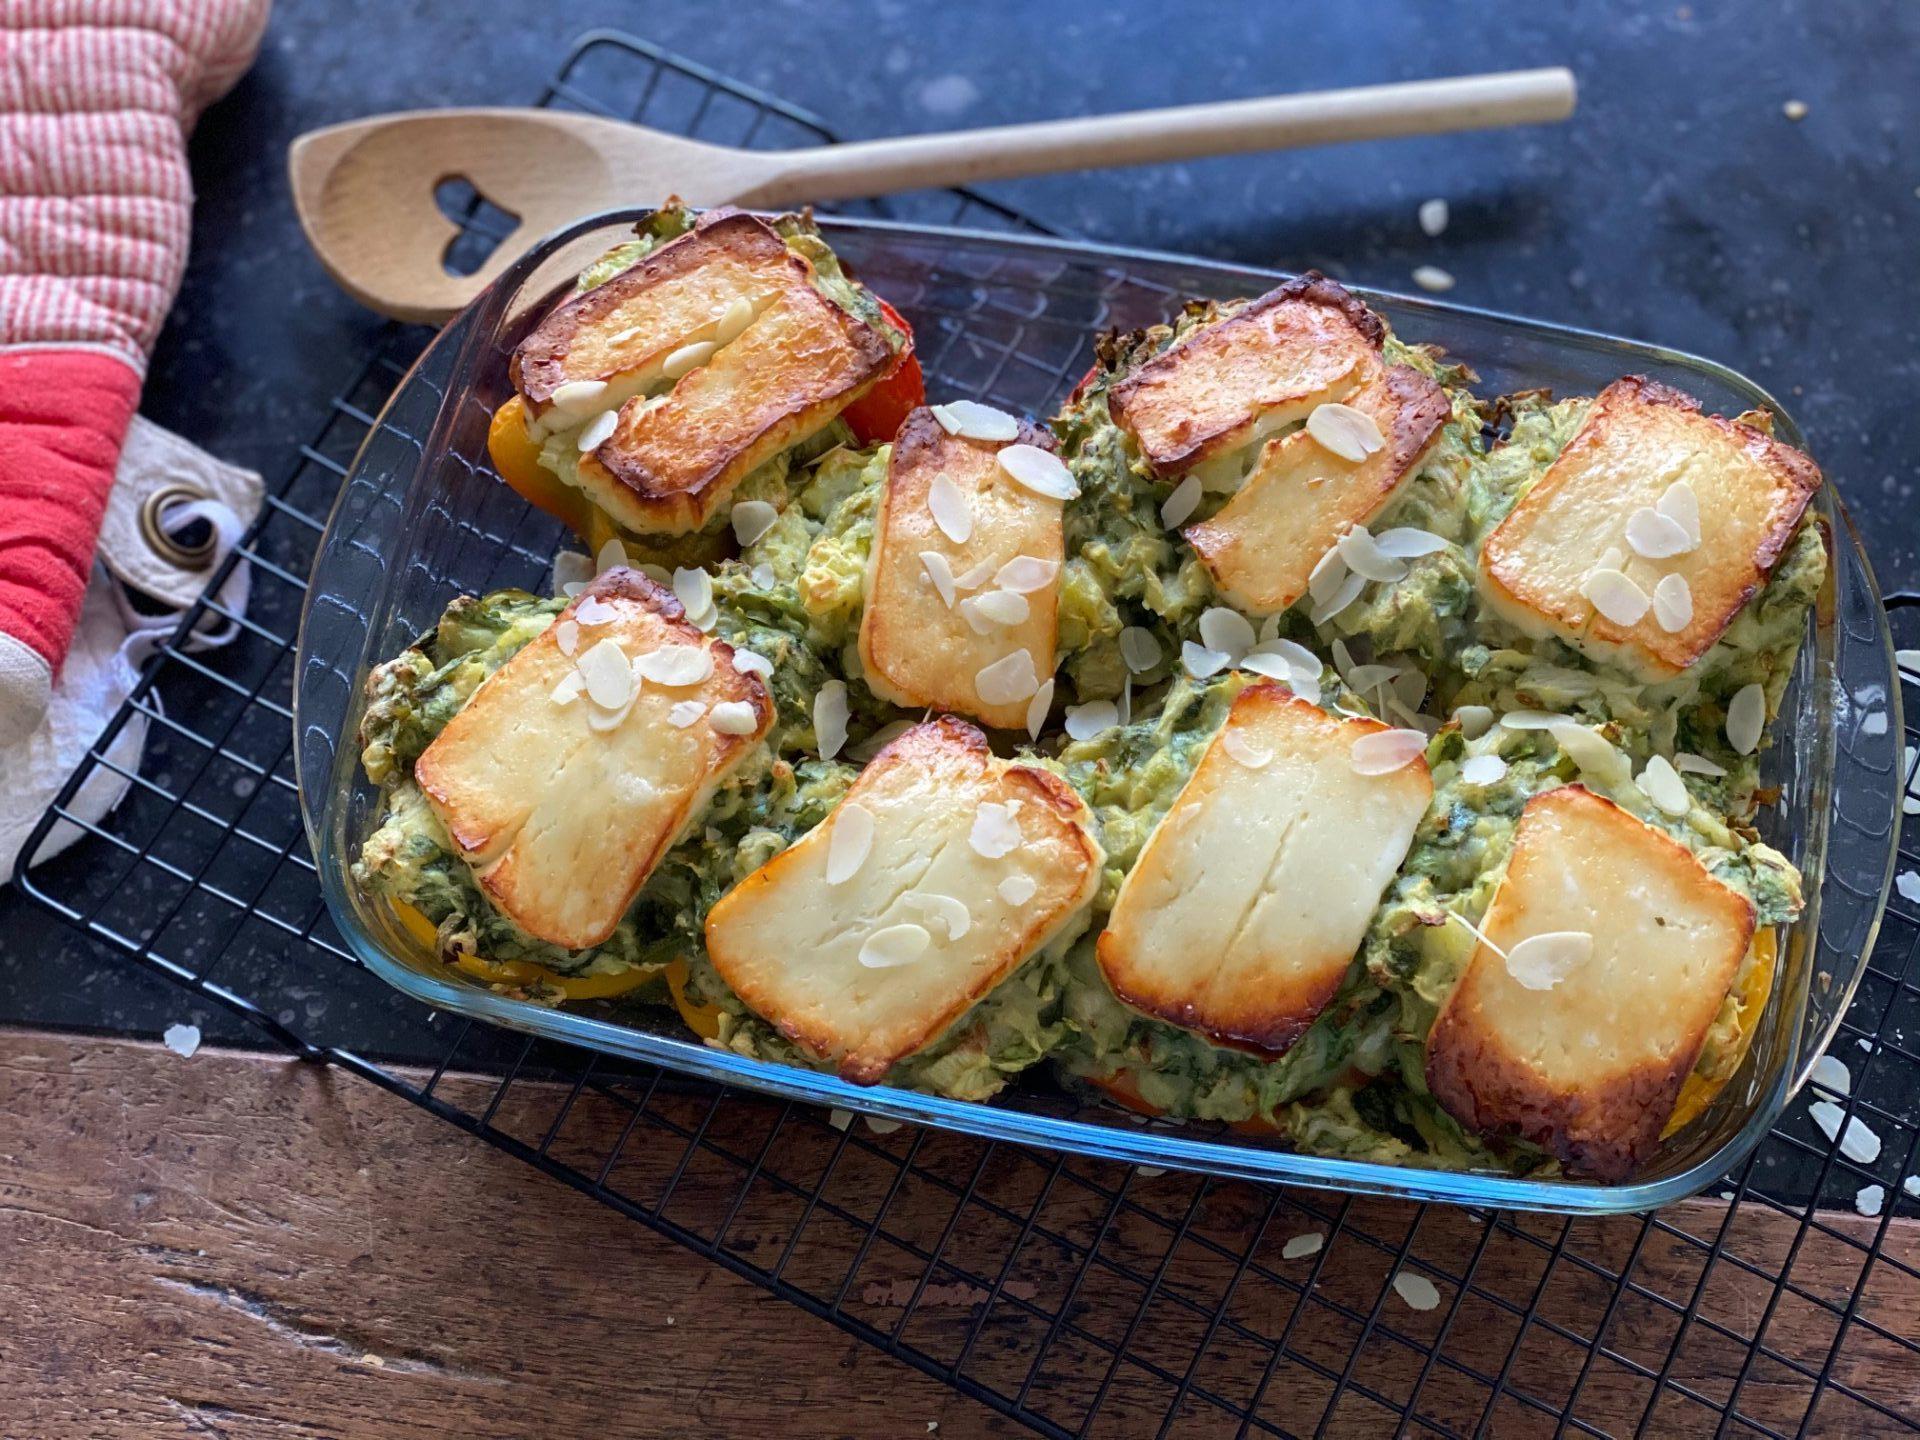 Stamppot Andijvie ovenschotel met gevulde paprika en halloumi - Stamppot recept van Foodblog Foodinista